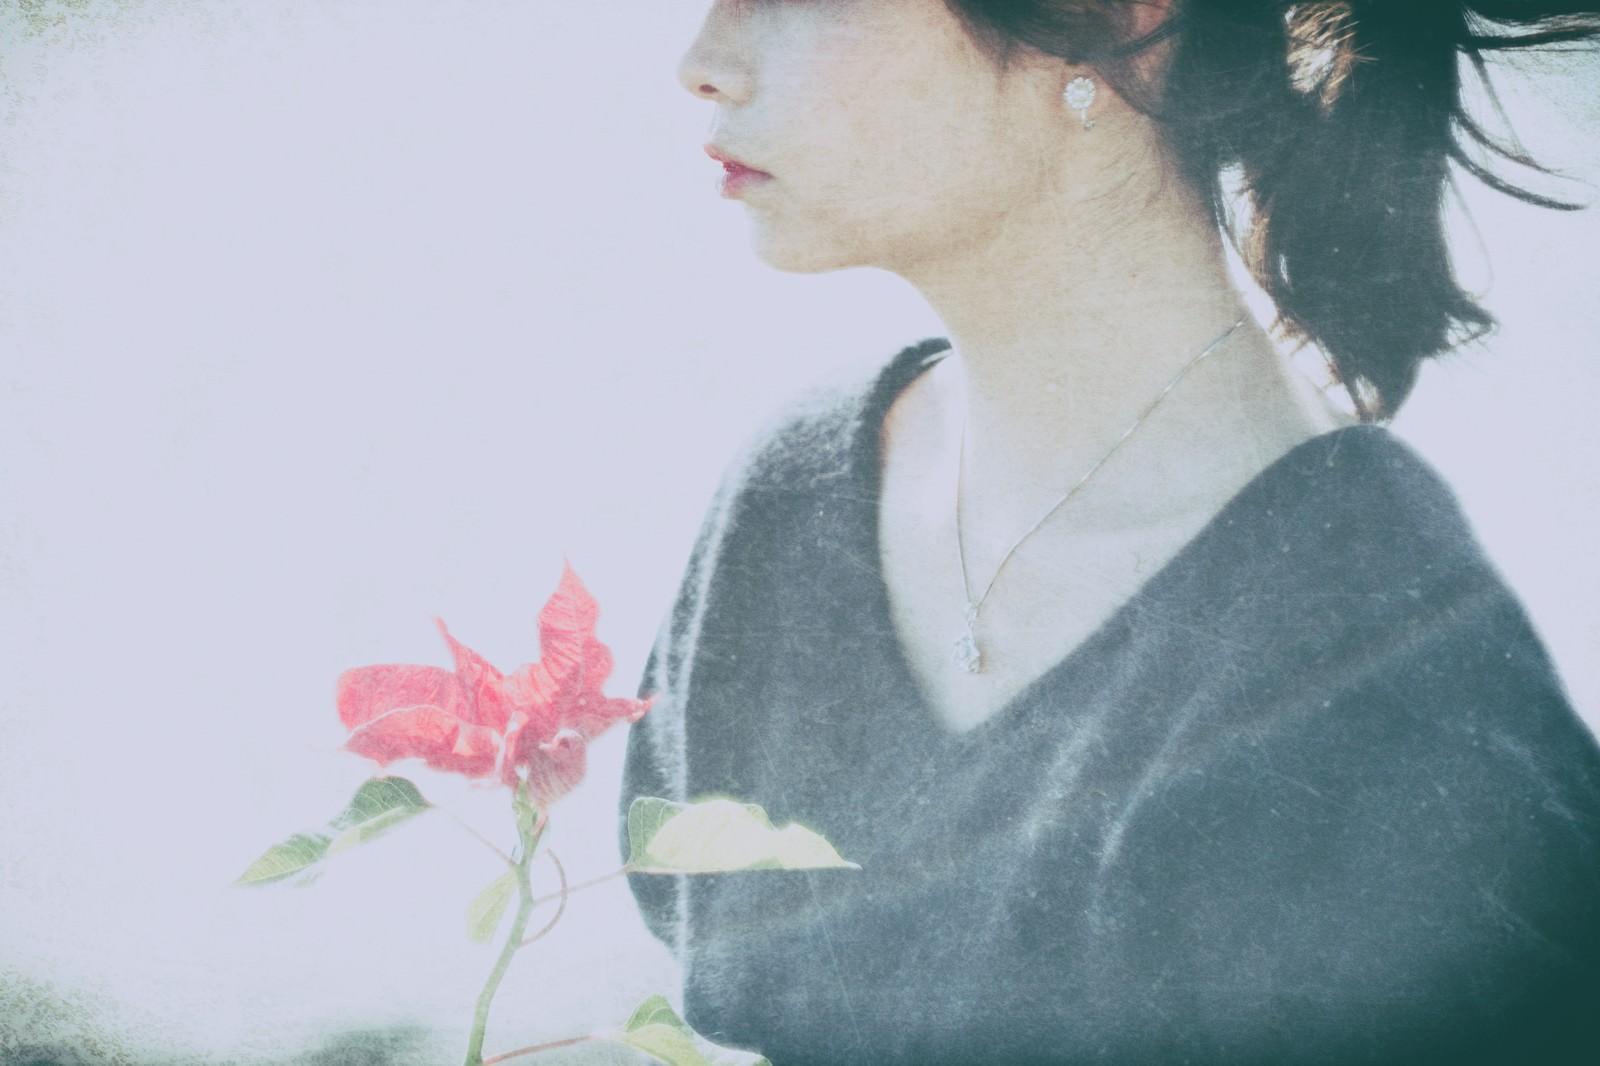 「センチメンタルな気分(女性) | 写真の無料素材・フリー素材 - ぱくたそ」の写真